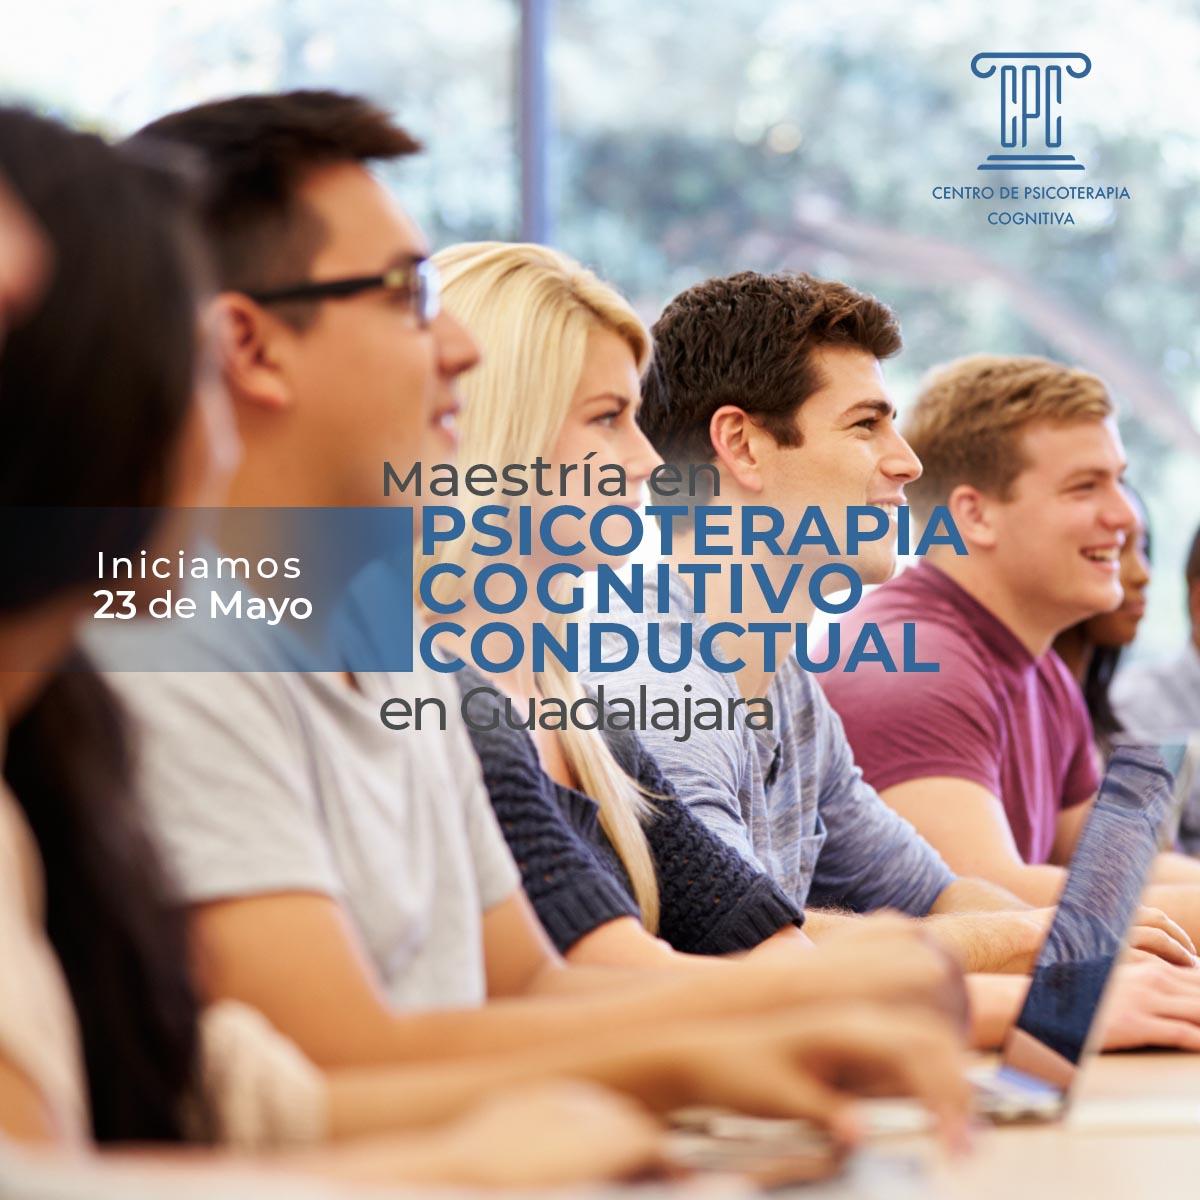 Maestría en Psicoterapia Cognitivo Conductual en Guadalajara